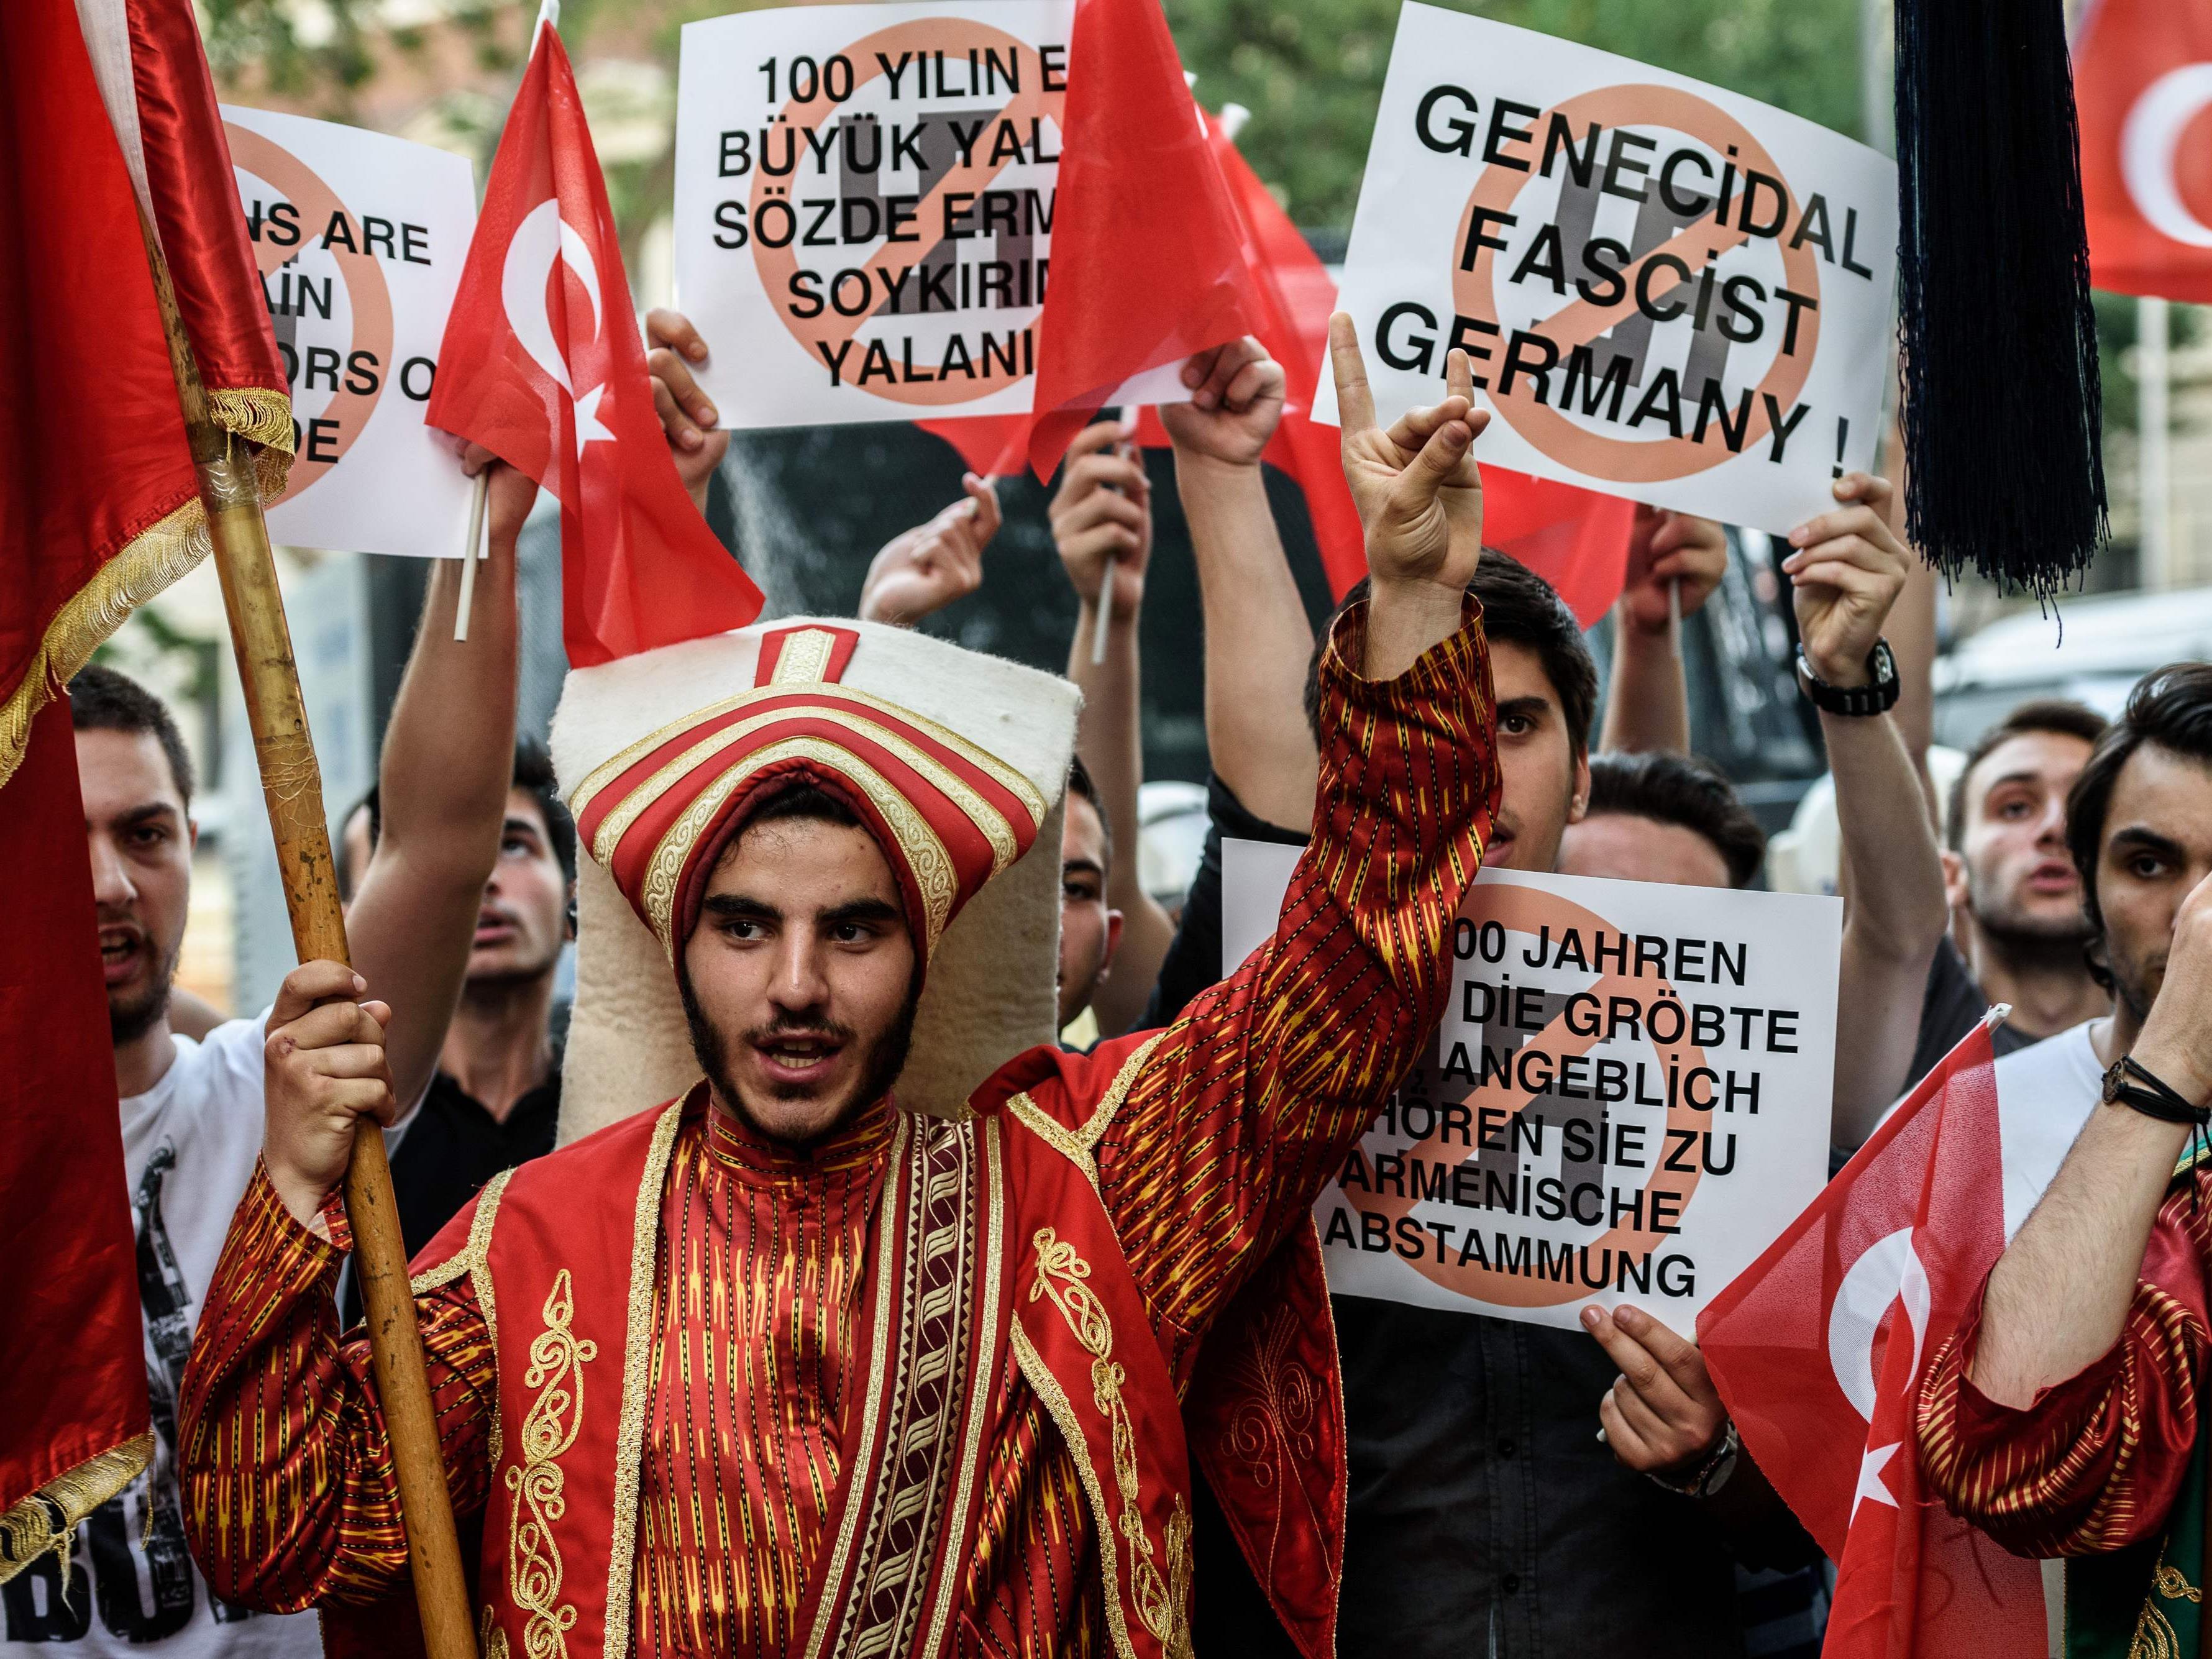 Der stellvertretende Ministerpräsident Numan Kurtulmus warf Deutschland vor, mit zweierlei Maß zu messen.